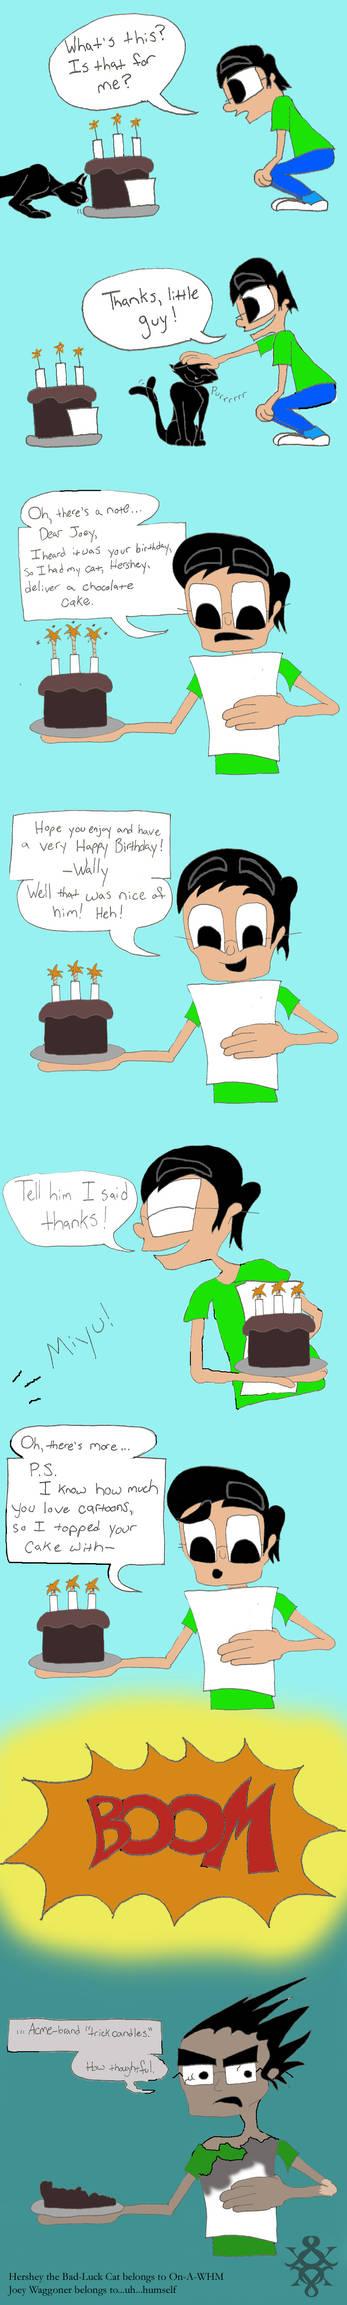 Joey's Birthday Blast